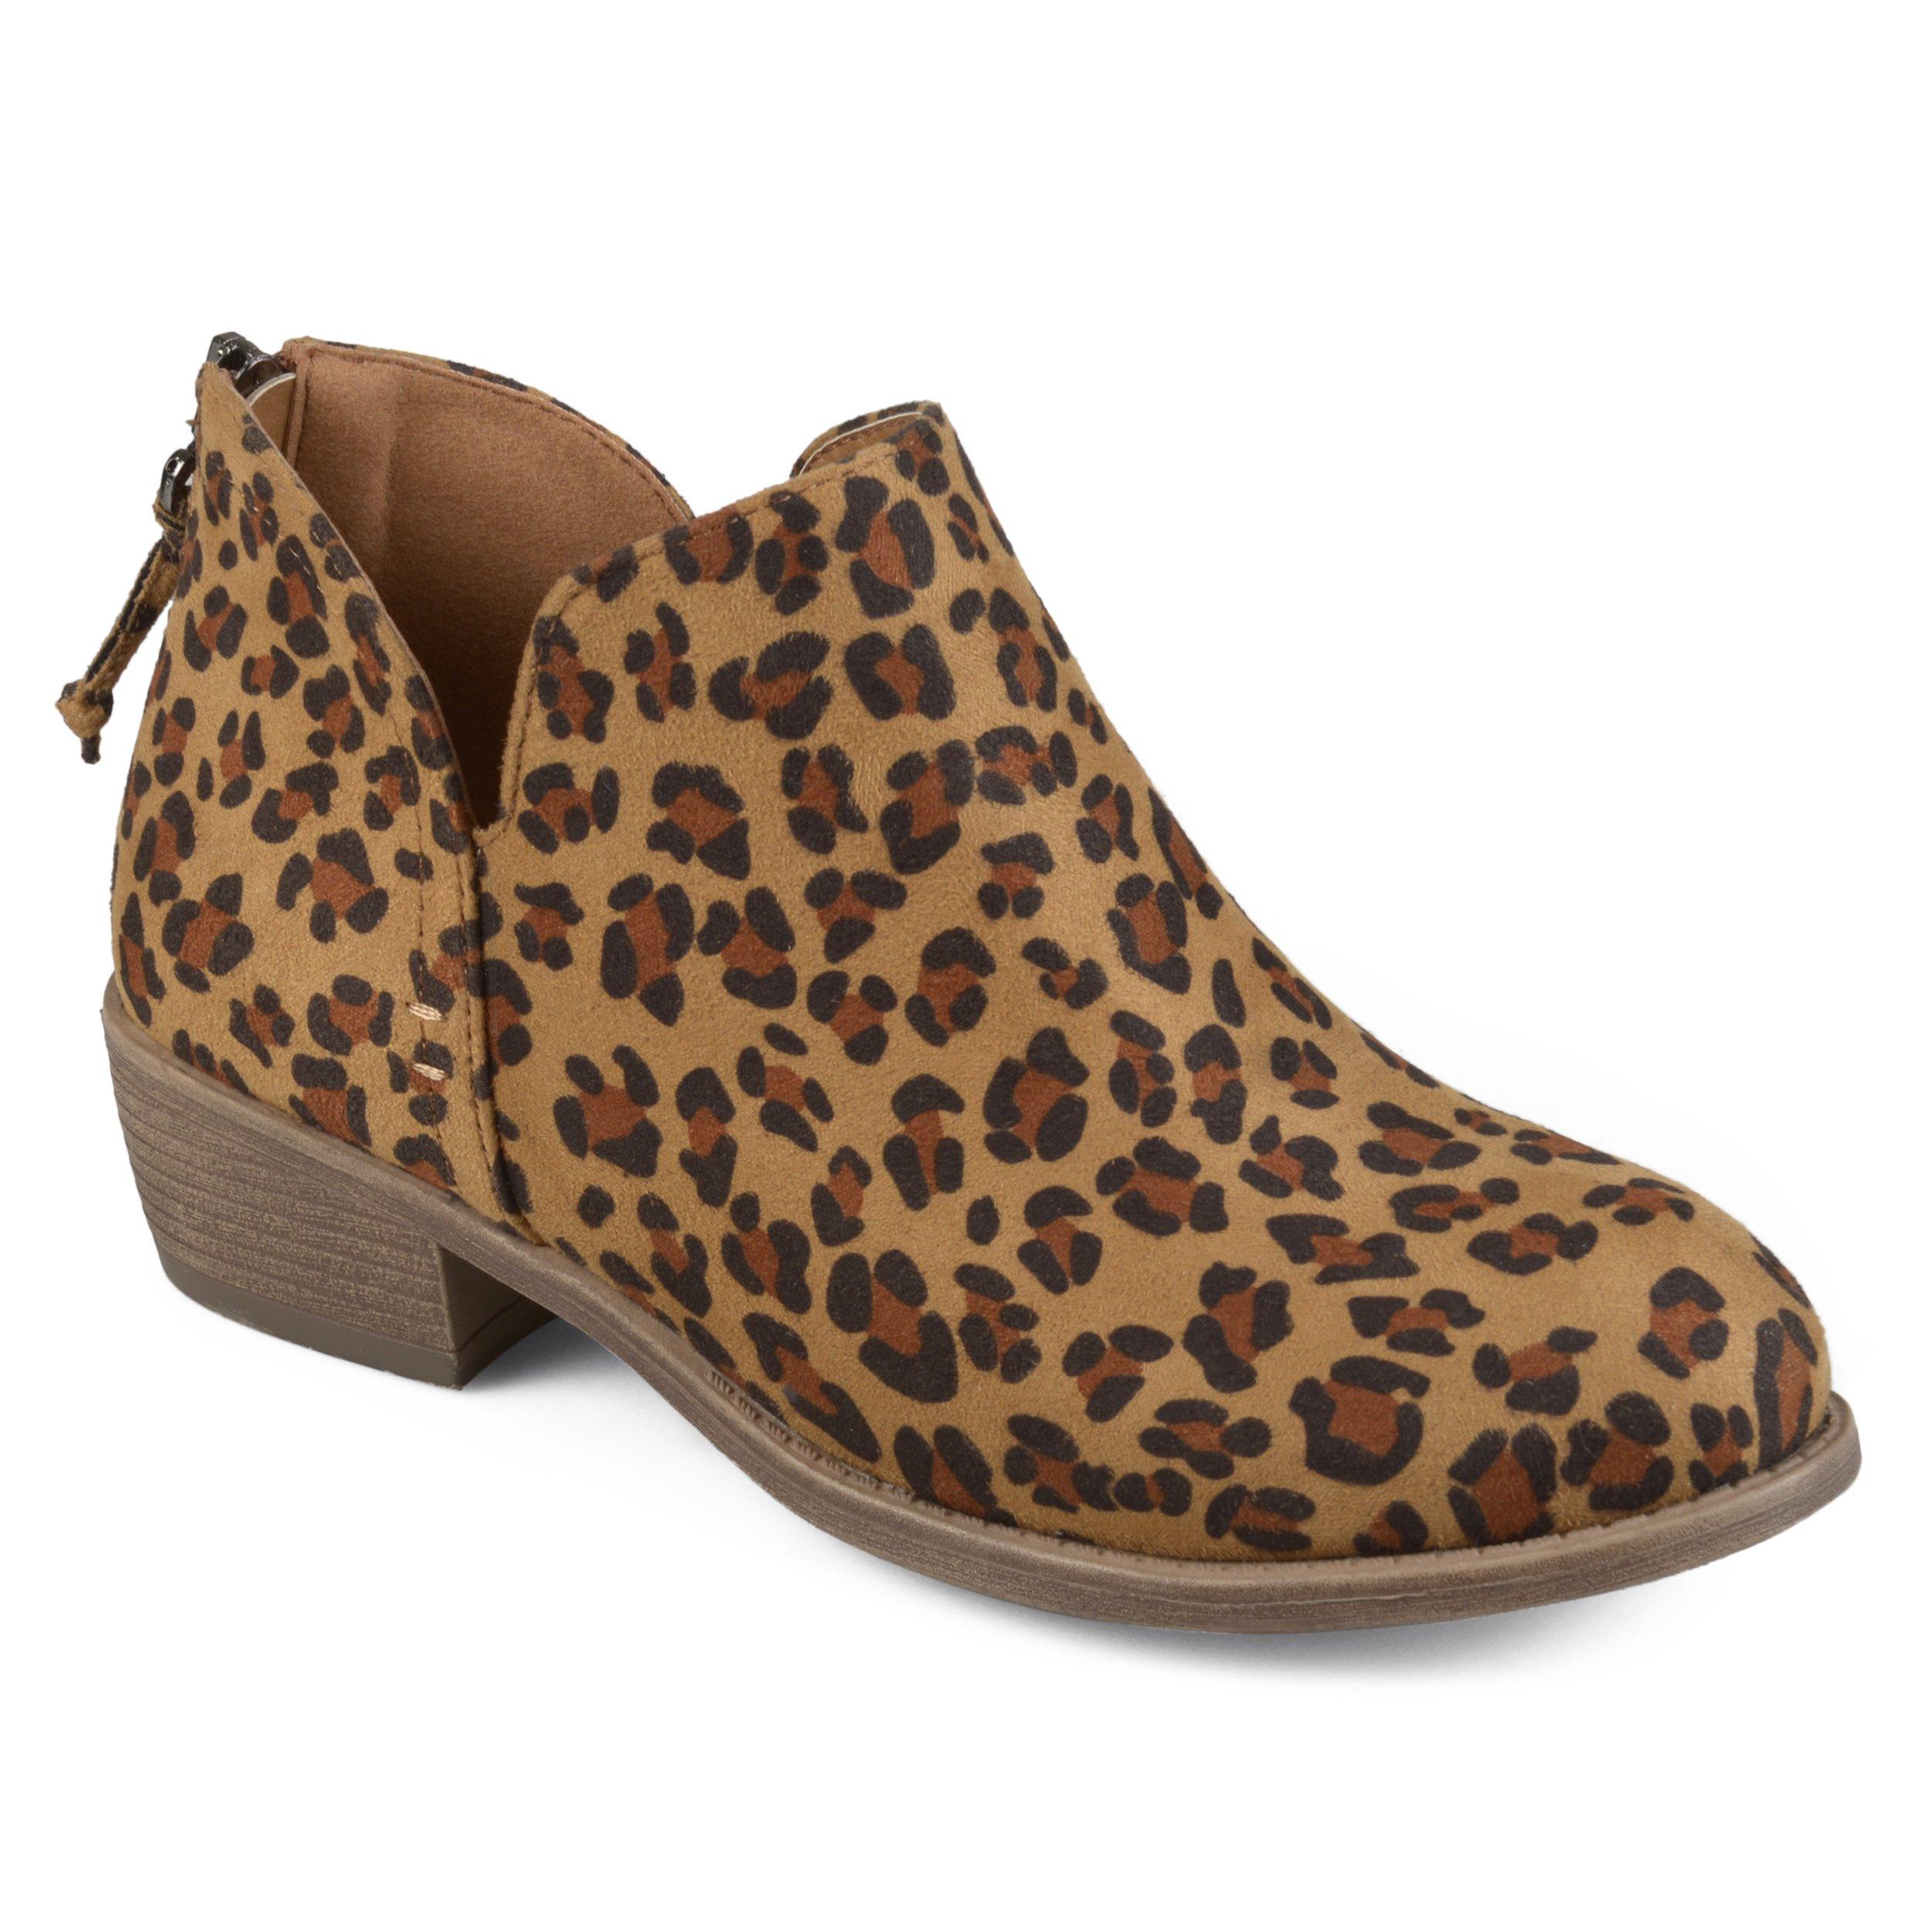 Journee Collection Womens Comfort Sole Tassel Booties Leopard, 7 Regular US